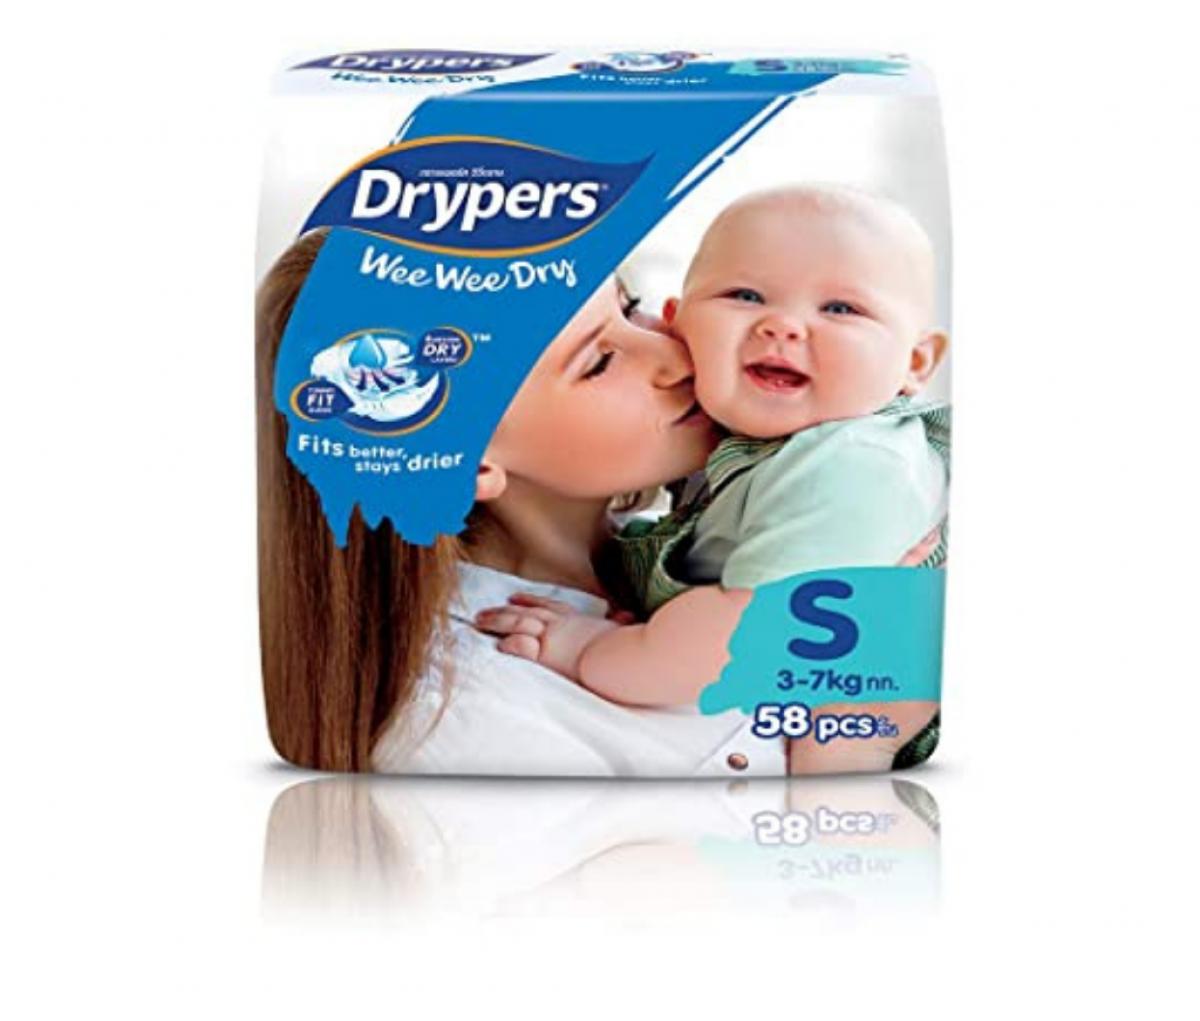 Drypers Baby Diaper (S)